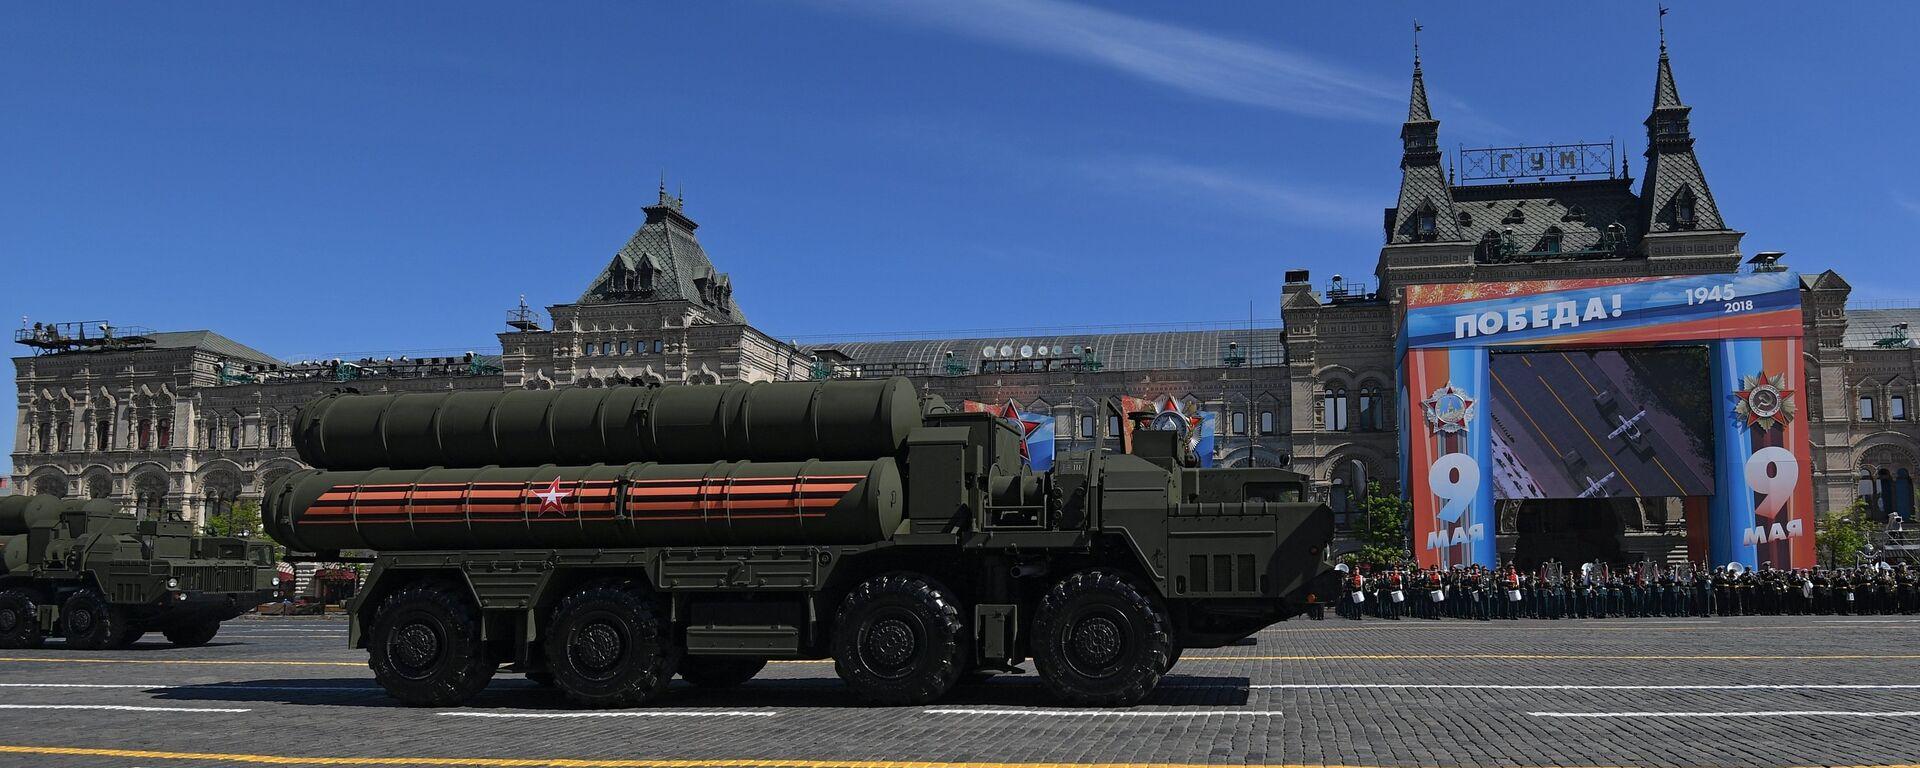 Το αντιπυραυλικό σύστημα S-400 σε στρατιωτική παρέλαση - Sputnik Ελλάδα, 1920, 27.07.2020